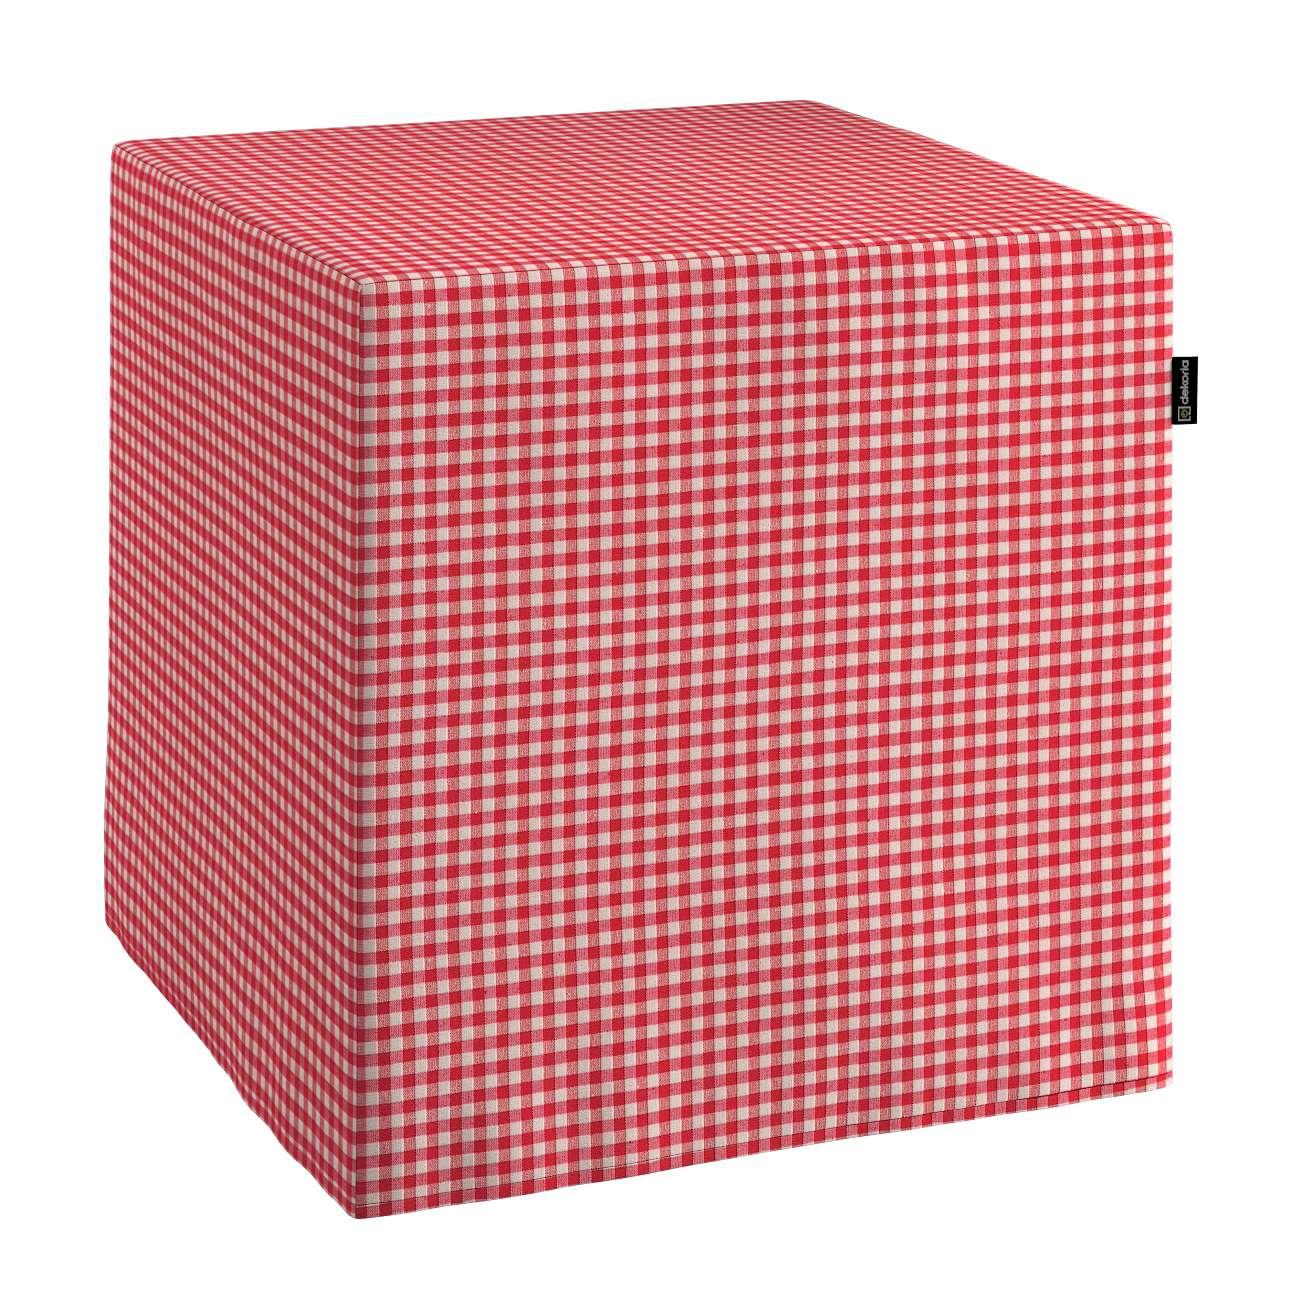 Pufo užvalkalas 40x40x40 cm kubas kolekcijoje Quadro, audinys: 136-15